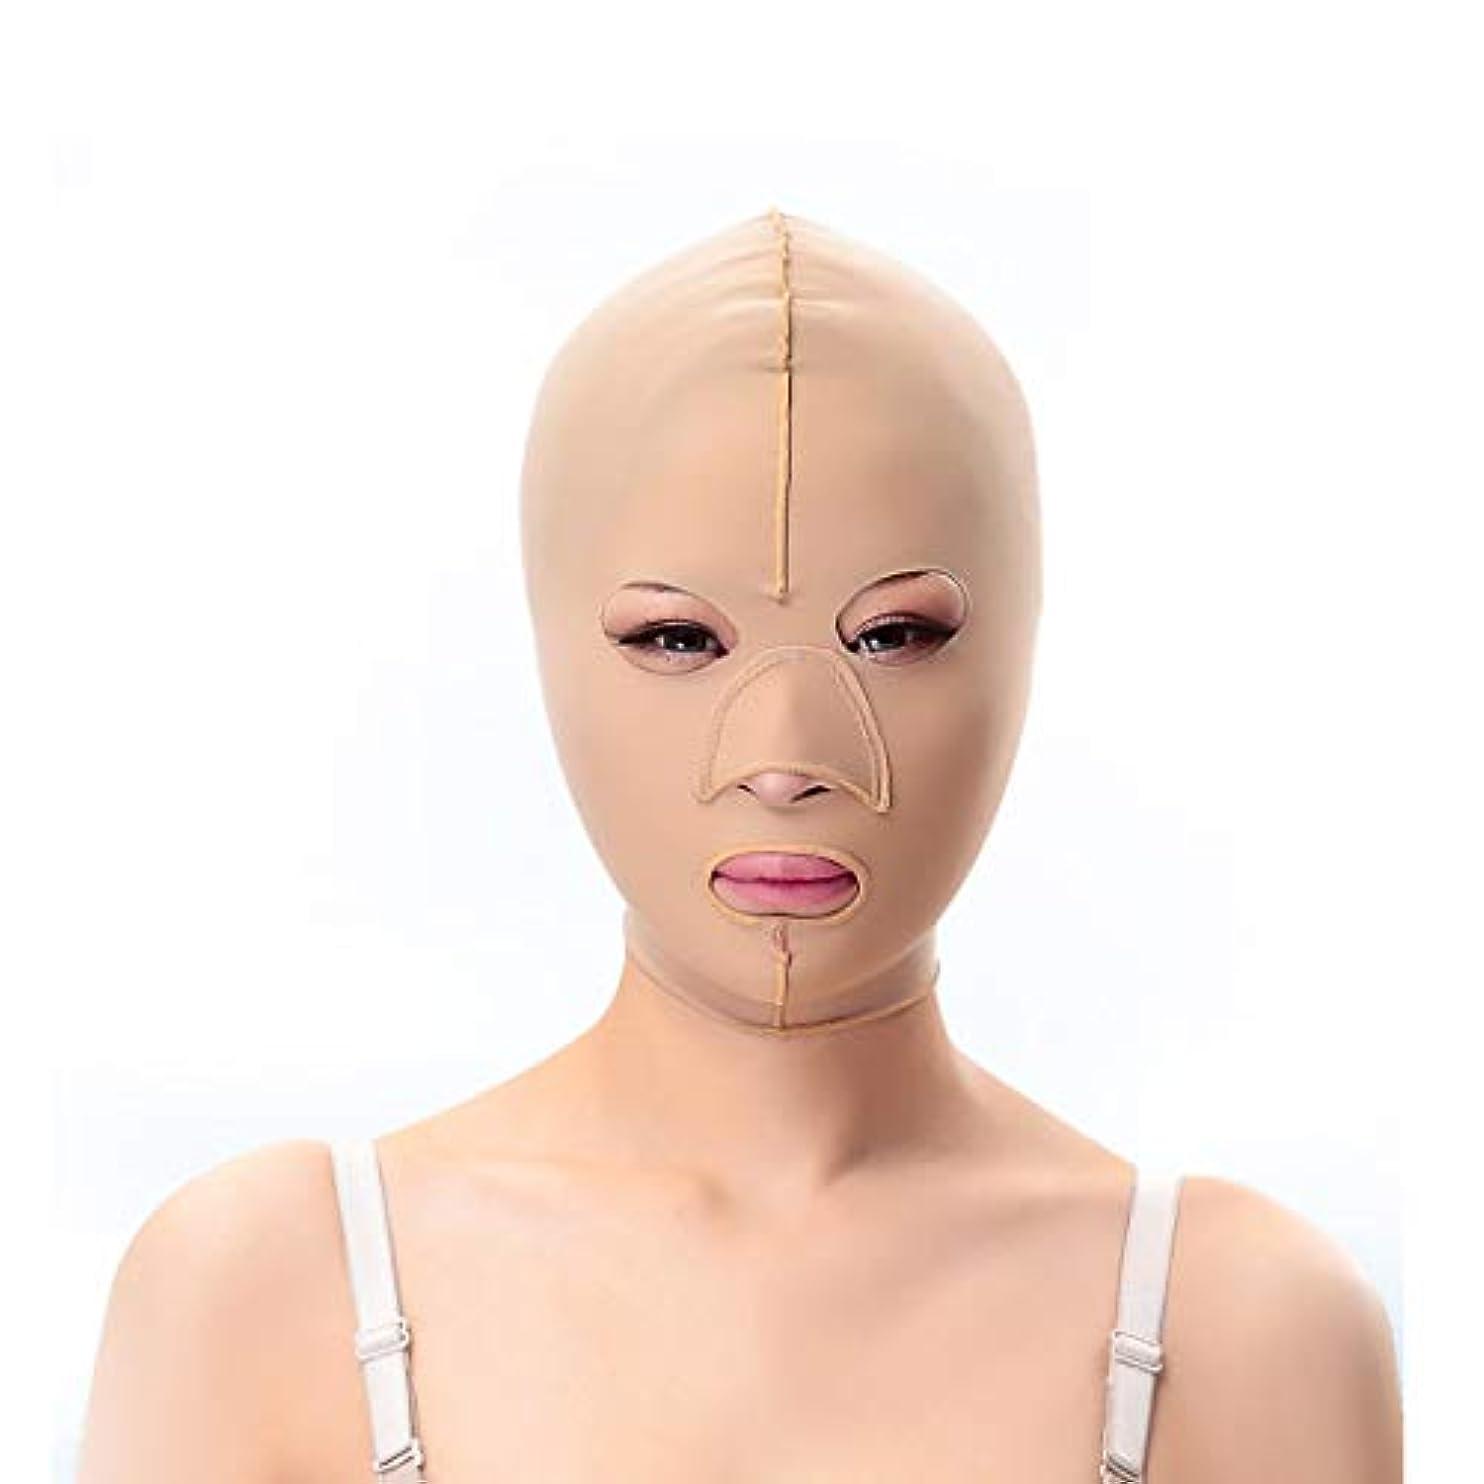 すずめ証書噴火GLJJQMY 減量ベルトマスクフェイスマスク神聖なパターンリフト二重あご引き締め顔面プラスチック顔面アーティファクト強力な顔面包帯 顔用整形マスク (Size : L)